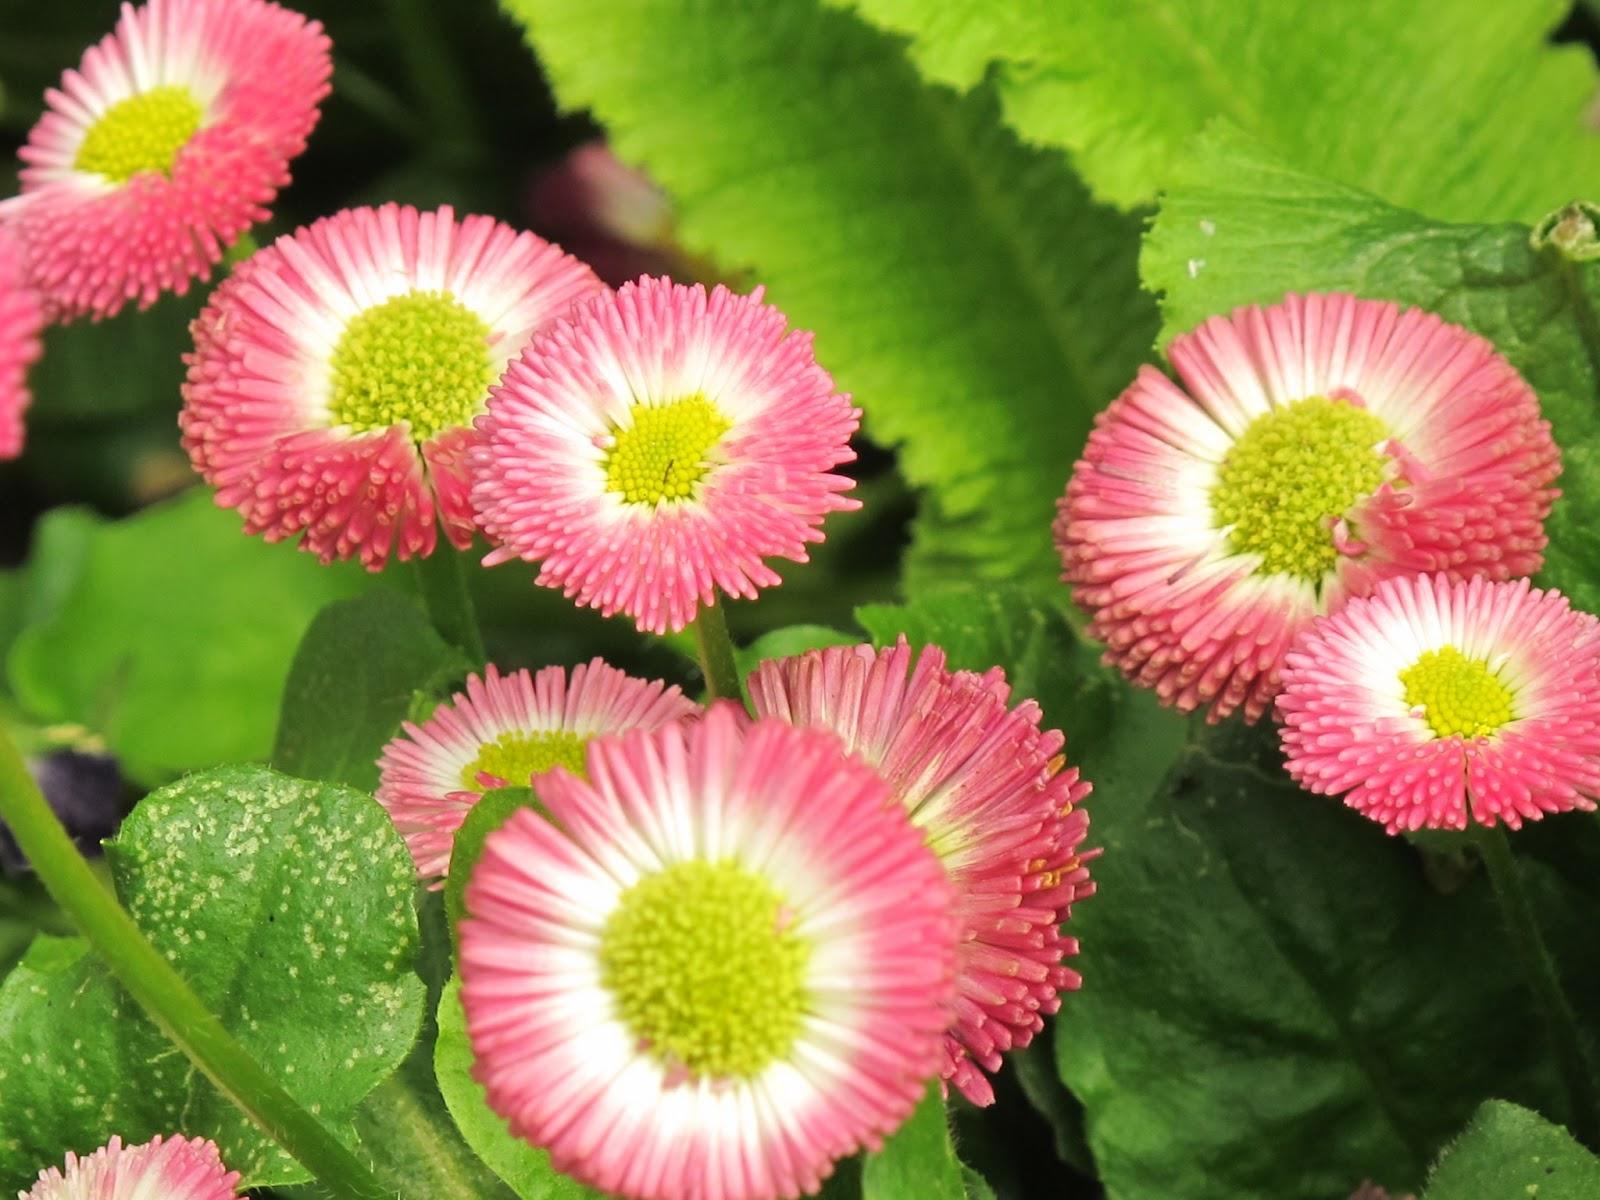 Pictures Wallpaper Fresh Flowers Pernik Wallpaper